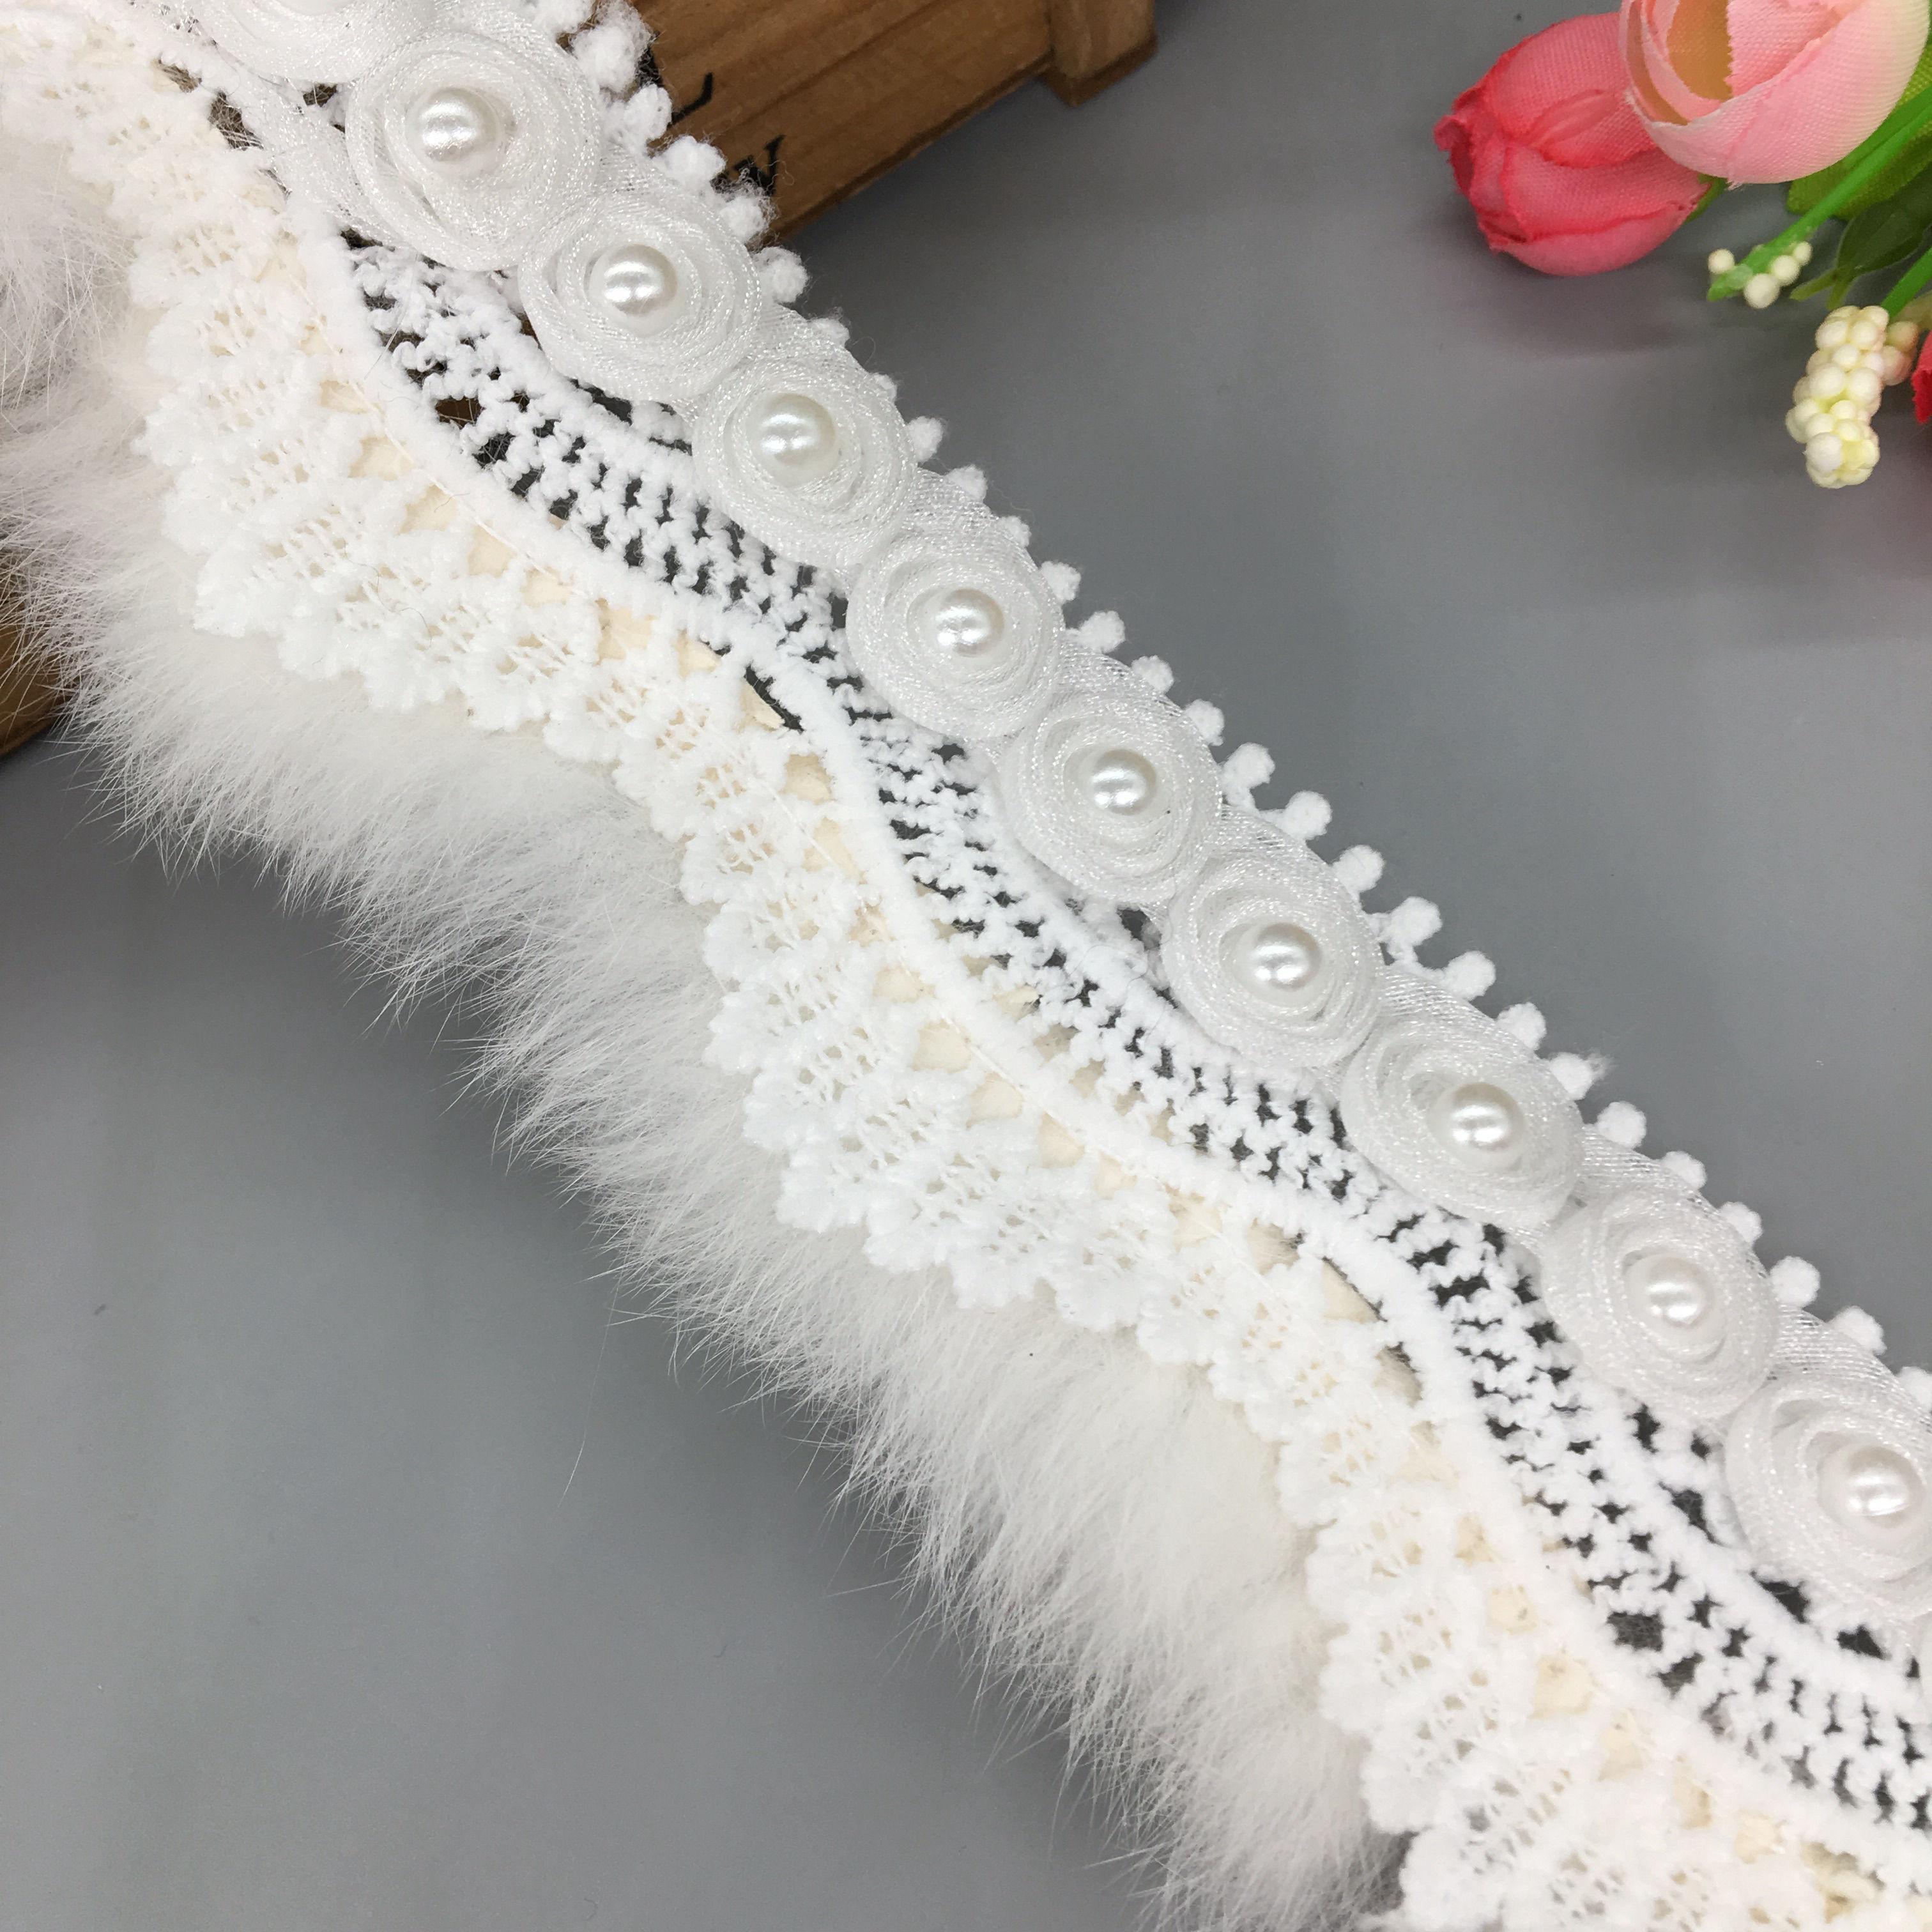 1 год, белый помпон из искусственного меха, 3D Цветочный Лист, кружевная отделка, лента, ткань с вышивкой, аппликация для шитья, рукоделие, свад...